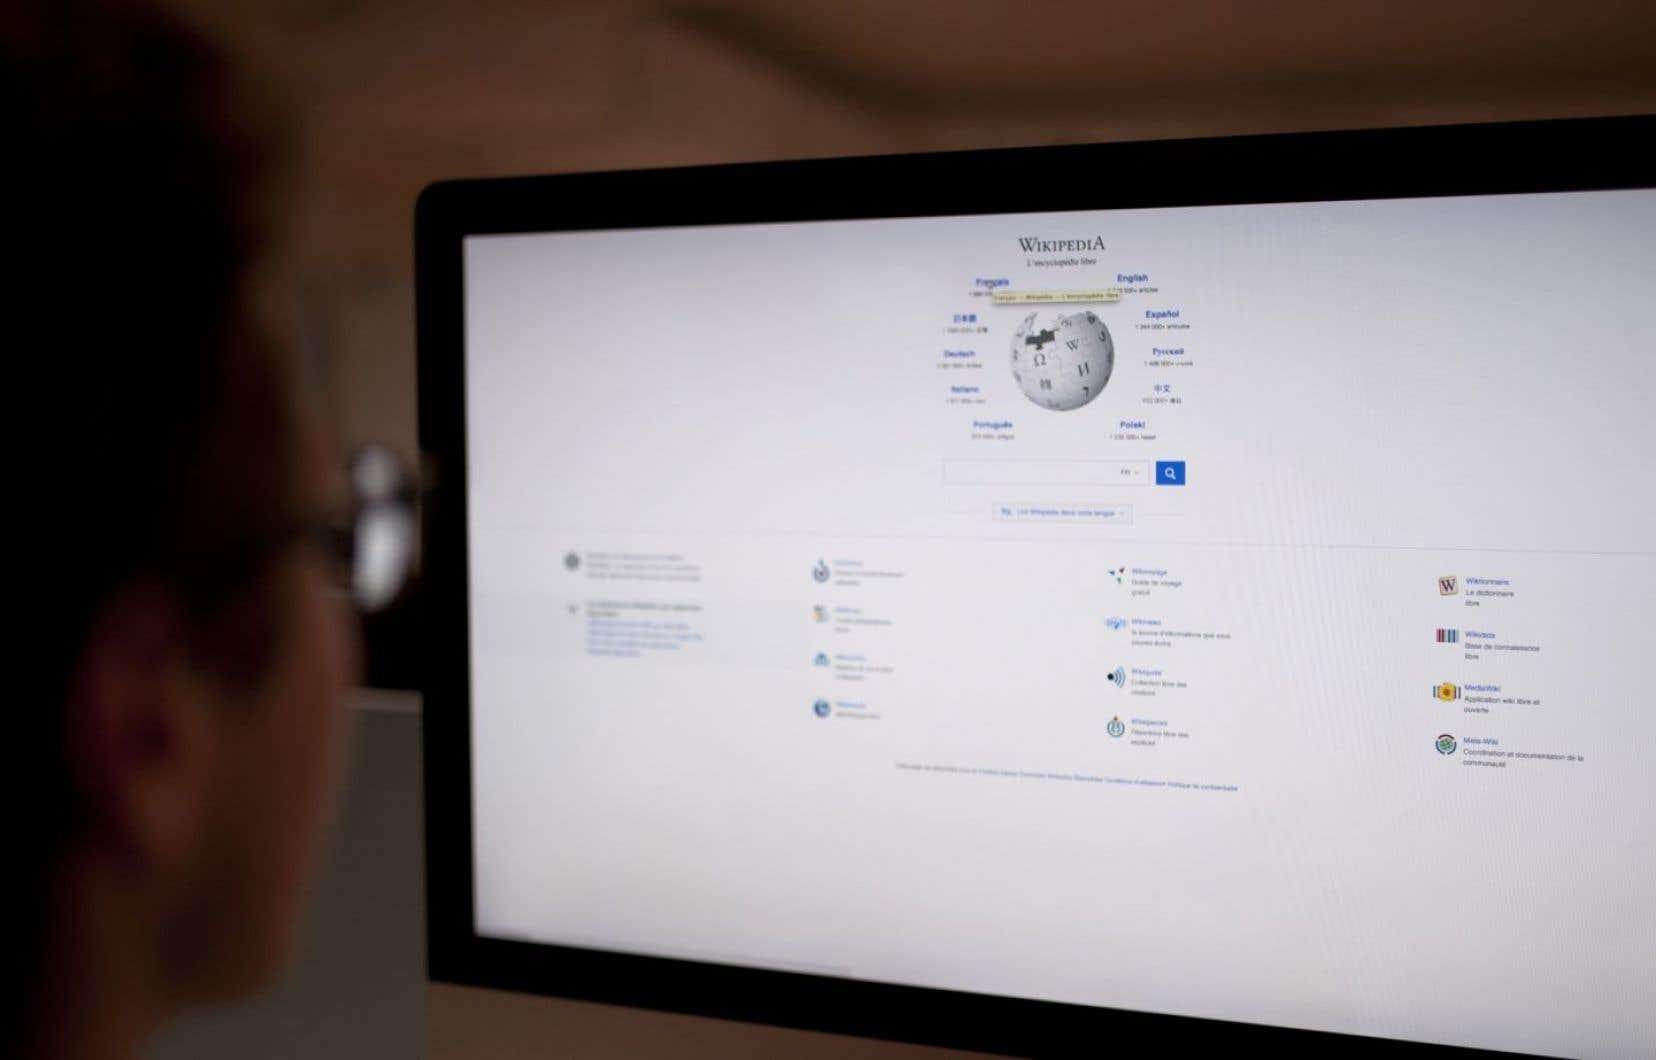 Wikipédia a multiplié les efforts pour répondre à la volonté de la population d'obtenir des informations impartiales.